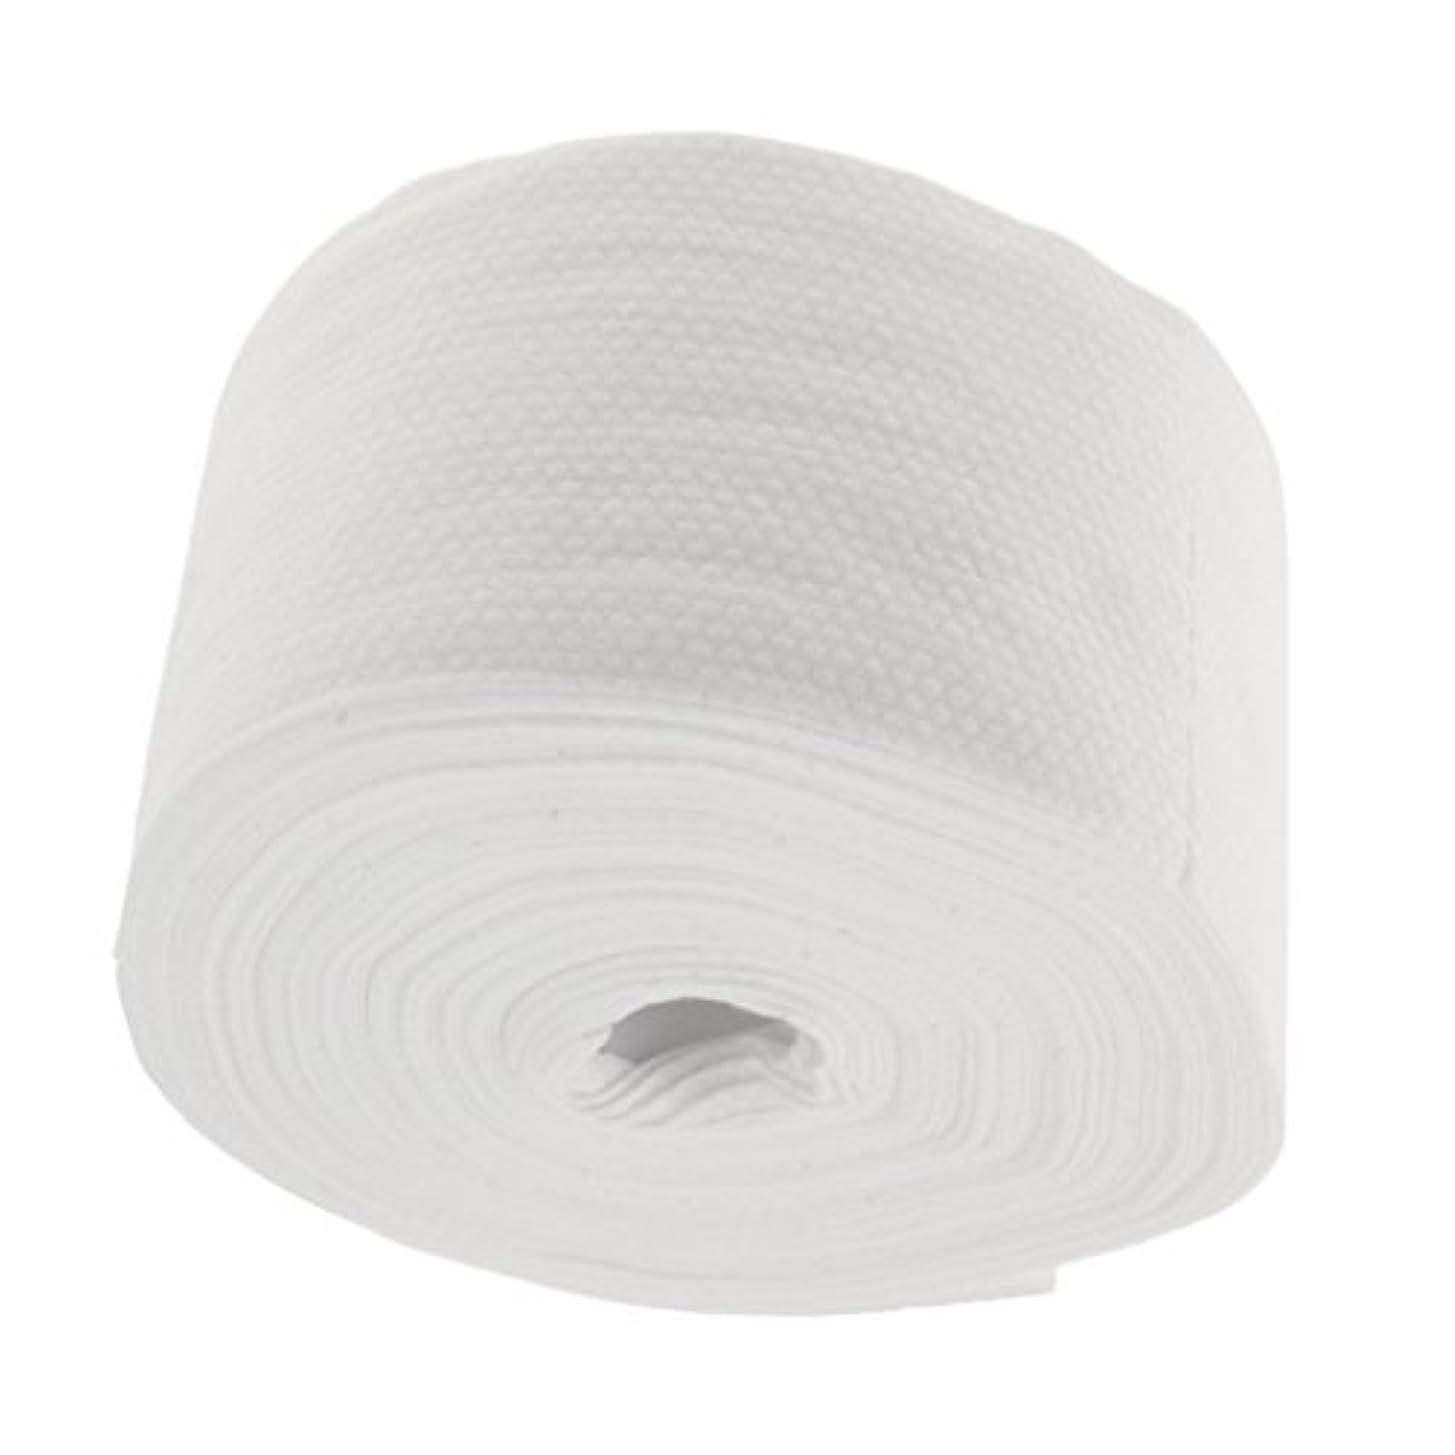 細分化するポテト伝説Sharplace ロール式 使い捨て 洗顔タオル 使い捨てタオル 30M コットン 繊維 メイクリムーバー 快適 - #2